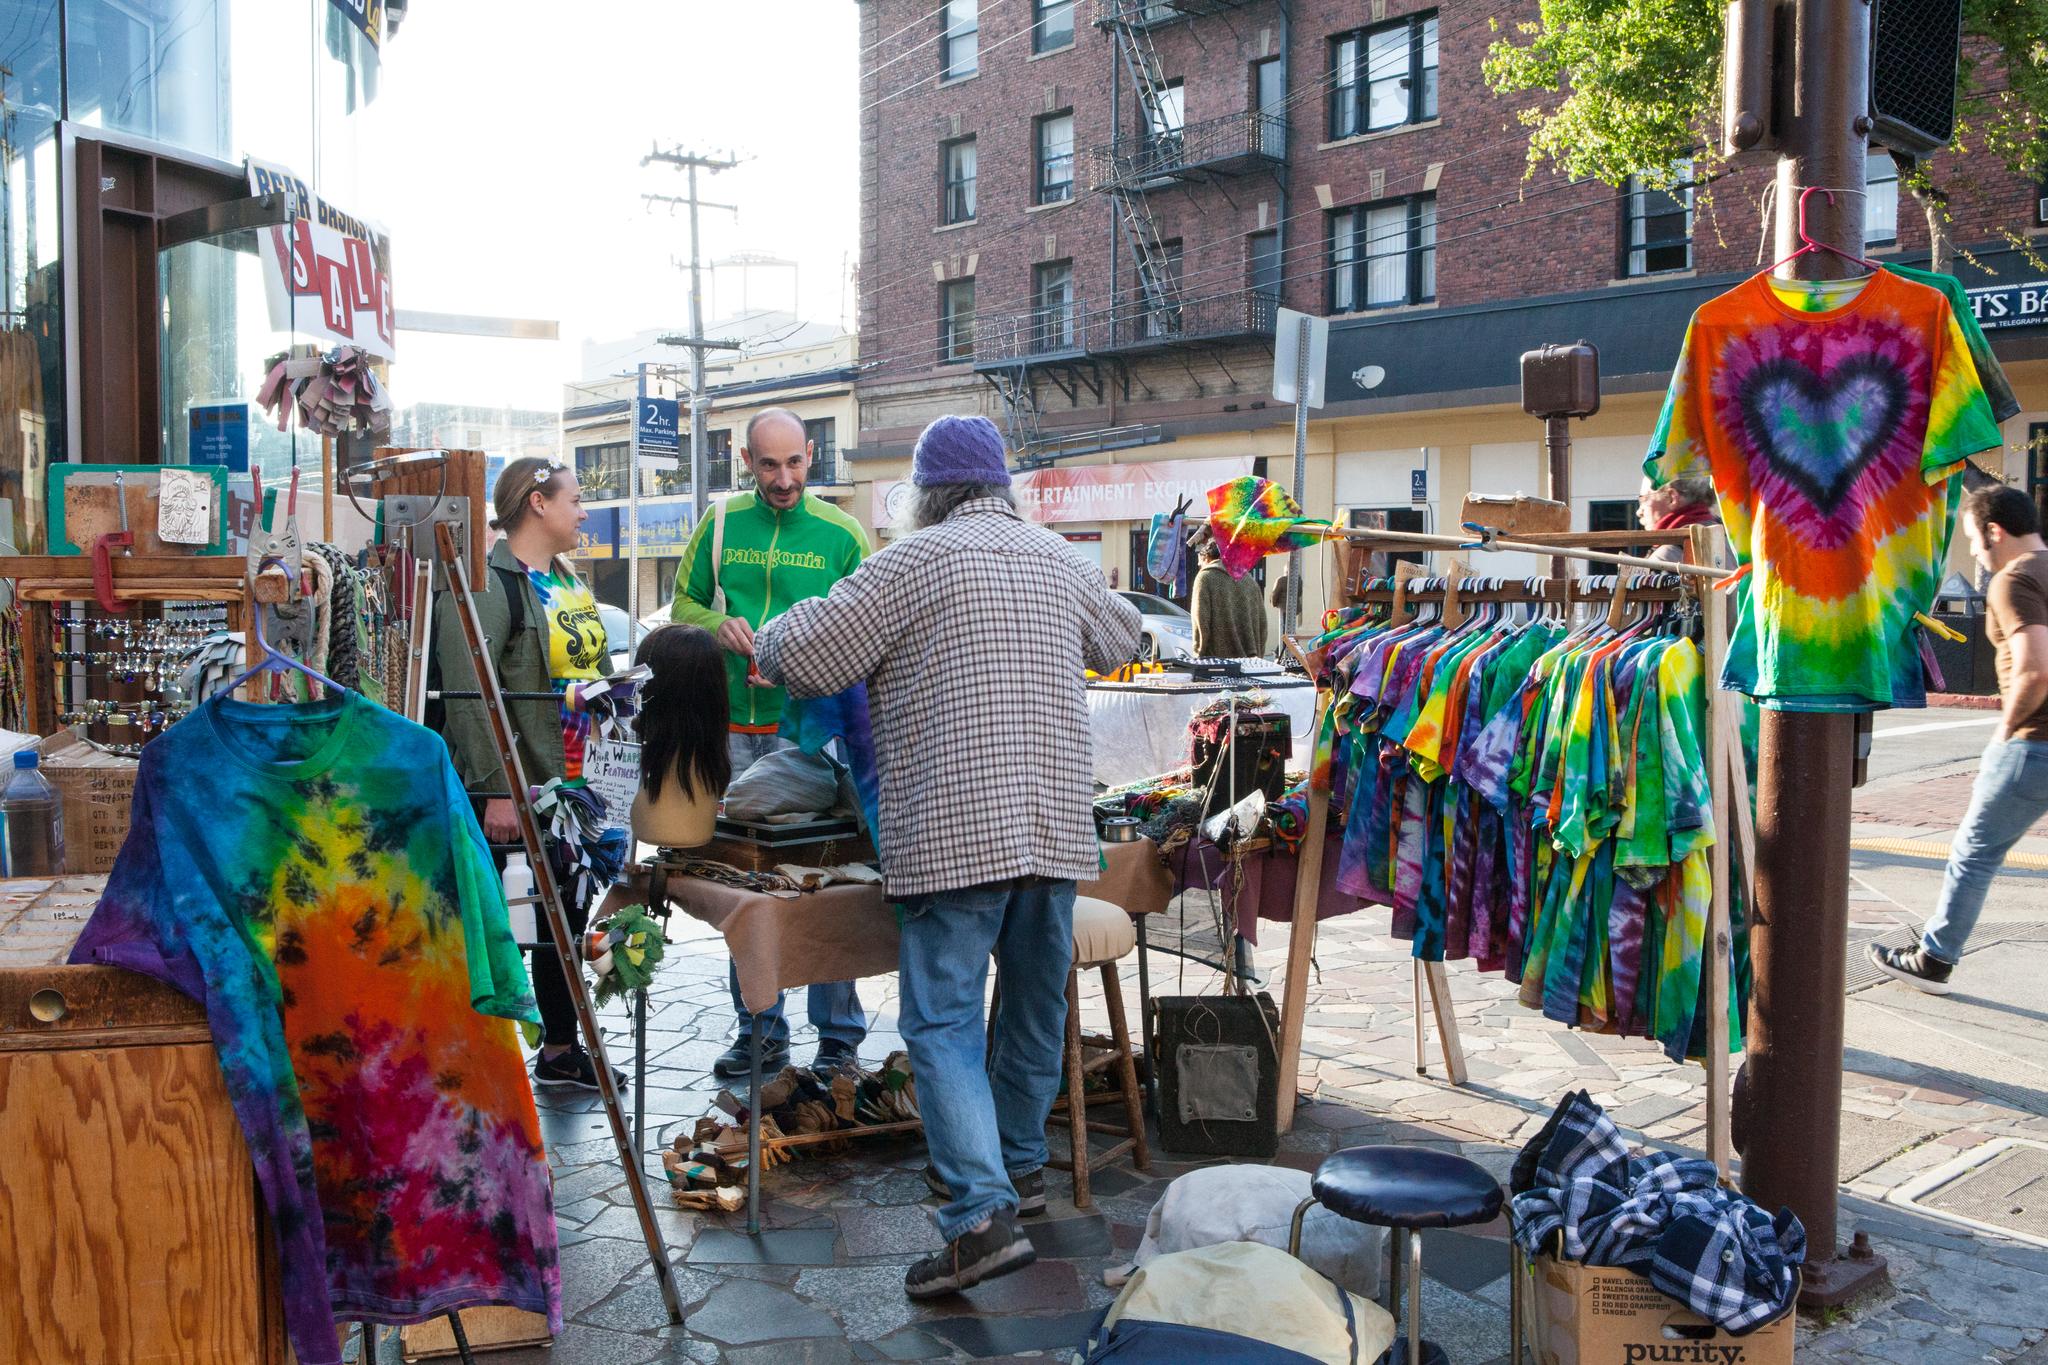 UC버클리 대학가도 히피 운동의 주요 거점이었다. 지금도 히피 관련 제품을 파는 집이 많다.